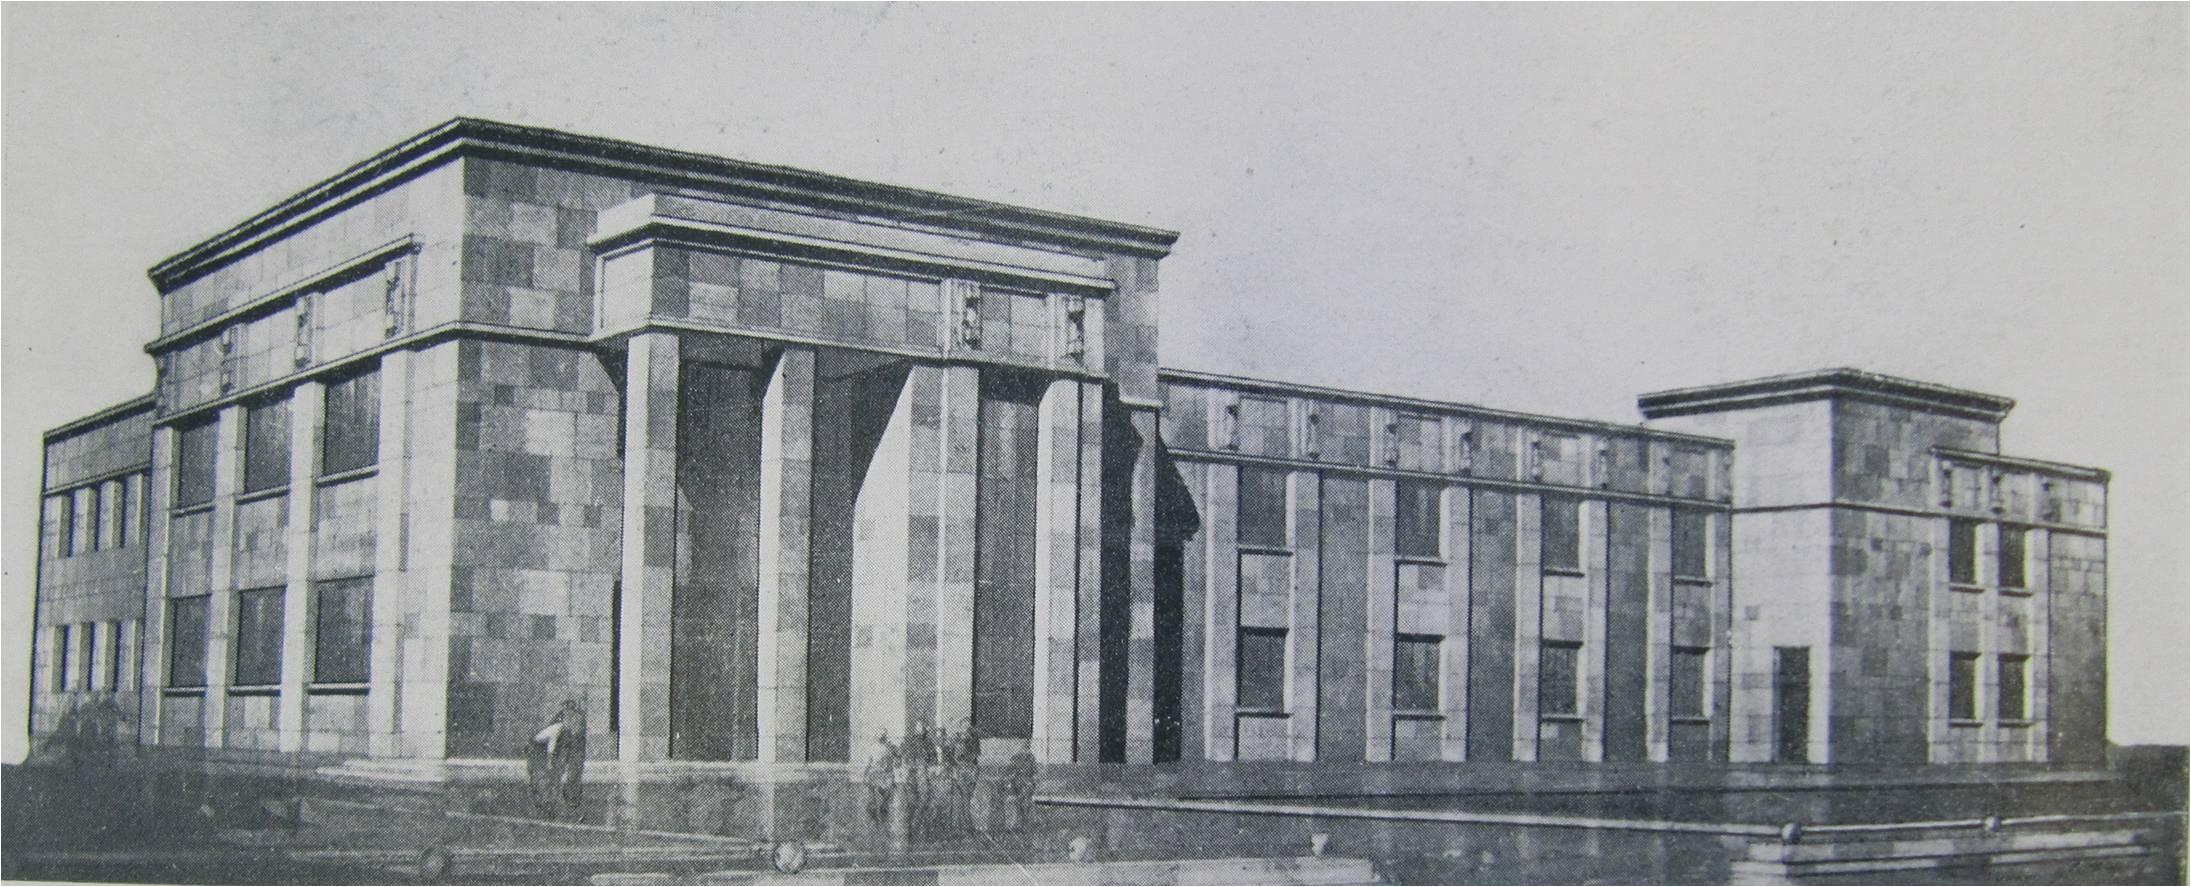 3.Благодатная ул., 45. 1934-1935 гг. Школа. Проект.